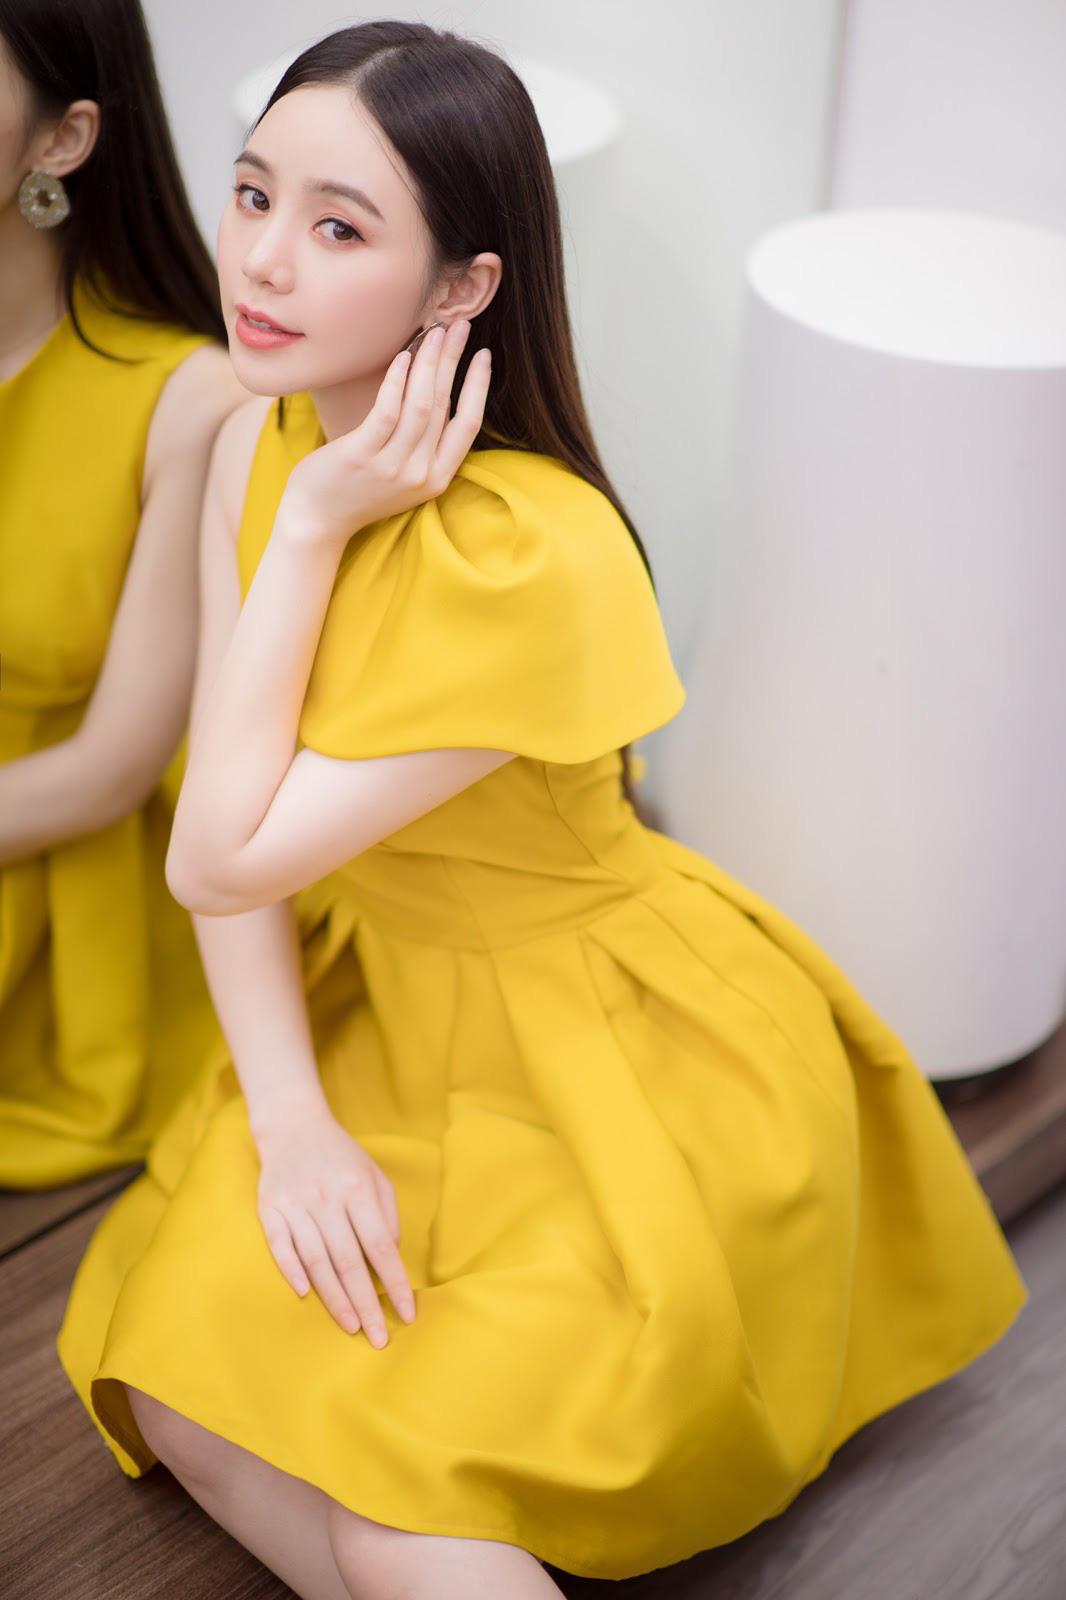 Thu đến rồi, nghe diễn viên Quỳnh Kool mách những item váy vóc cho quý cô sành điệu - Ảnh 4.